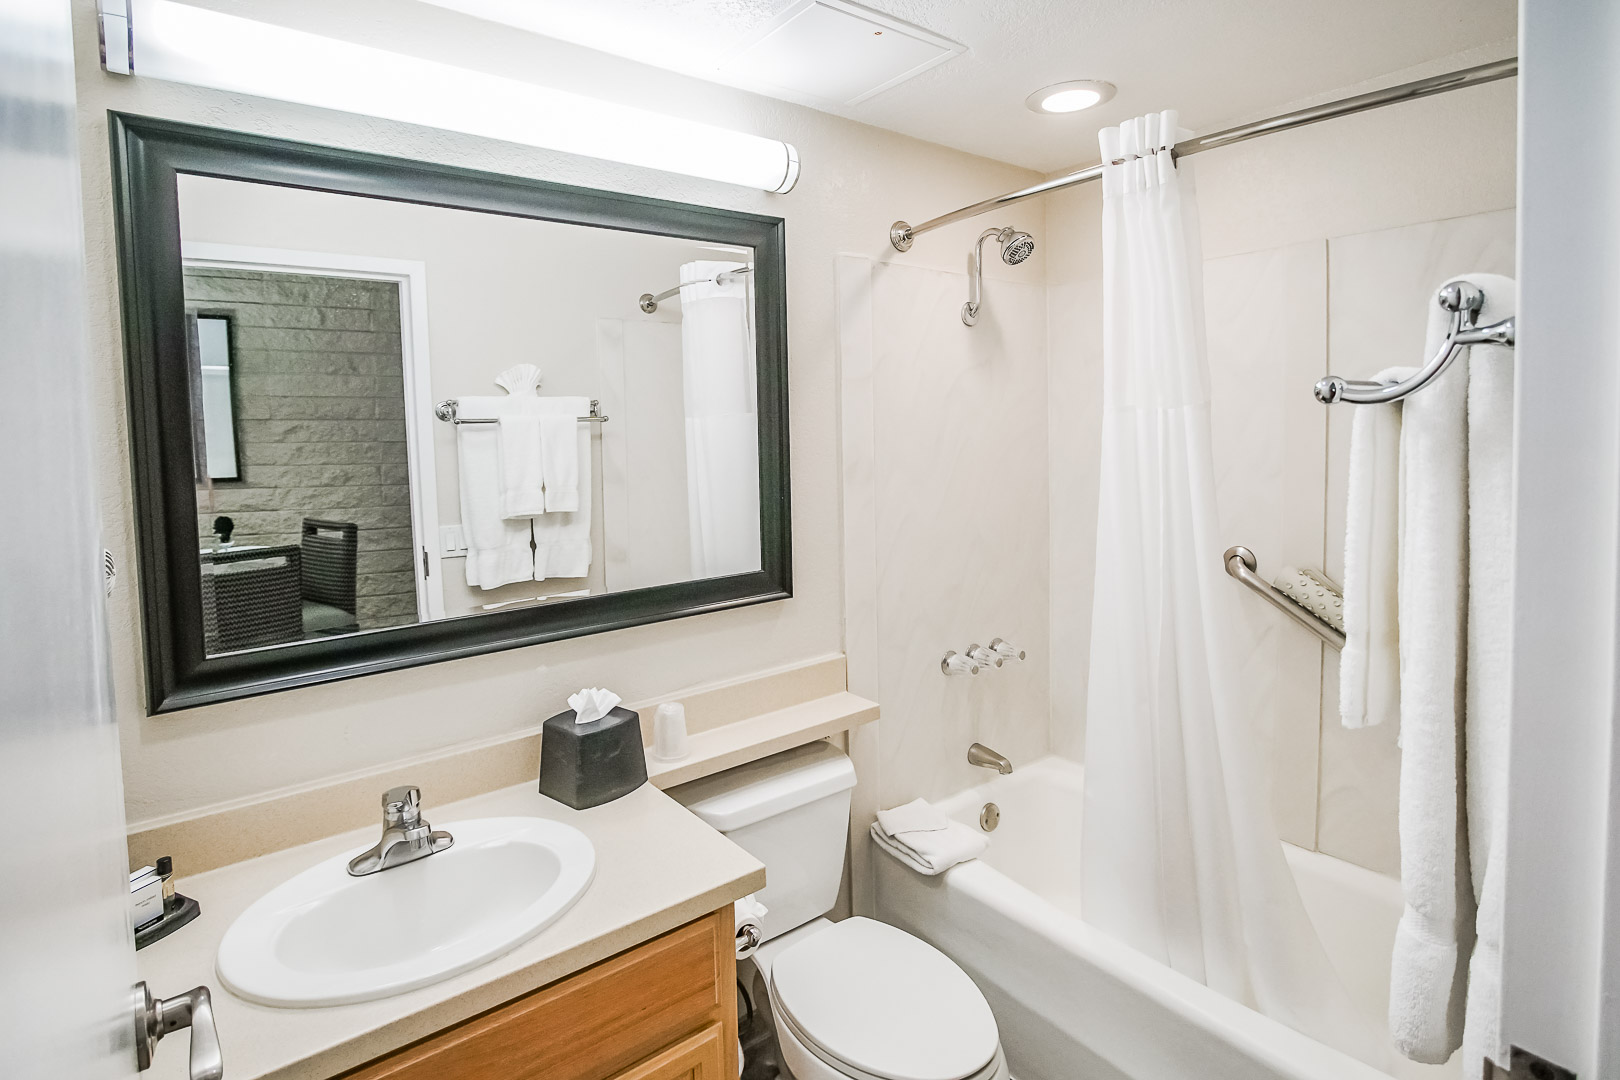 A clean bathroom at VRI's Palm Springs Tennis Club in California.